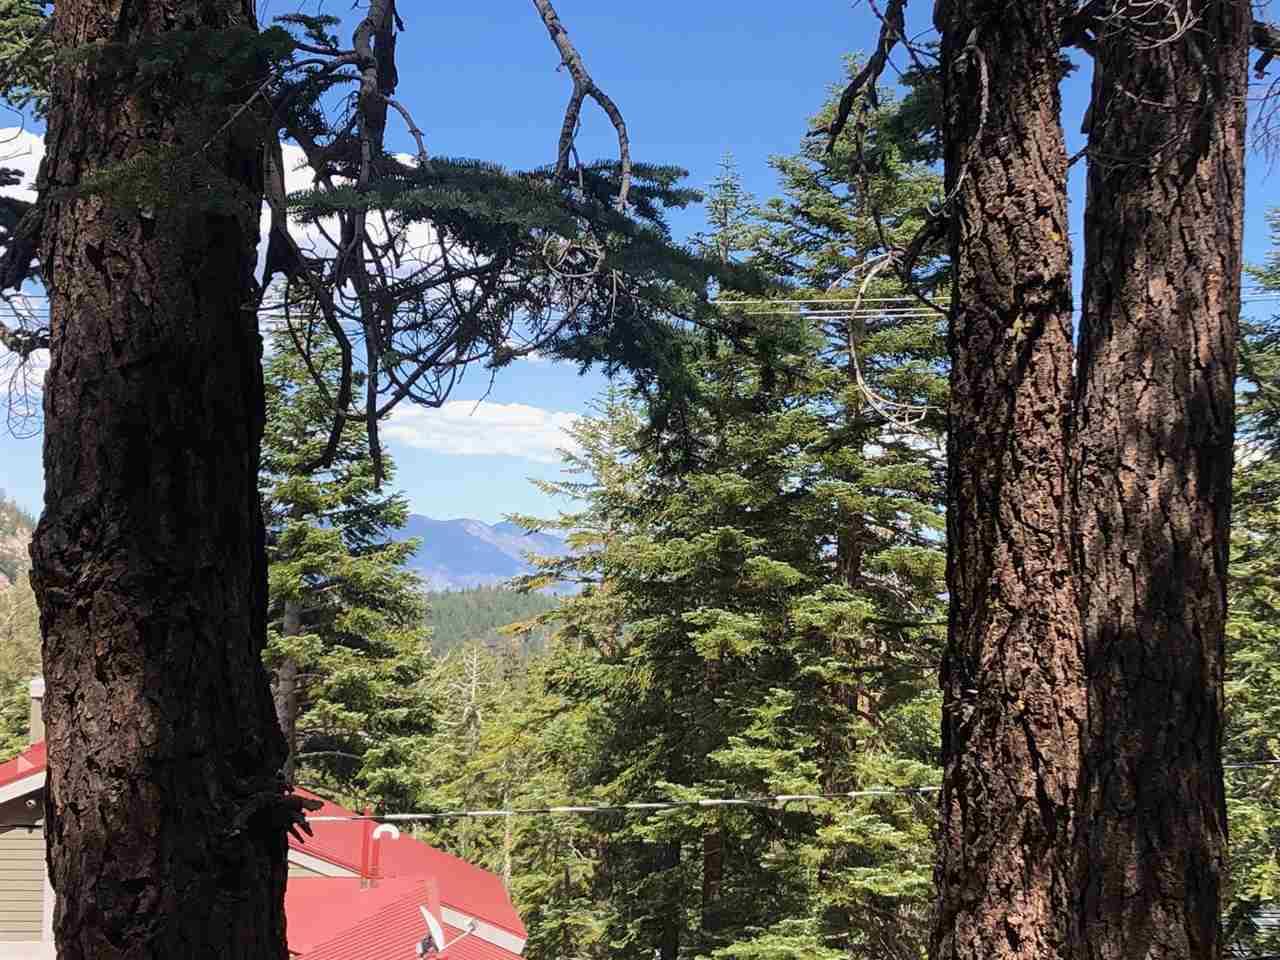 44 John Muir Road, Mammoth Lakes, CA 93546